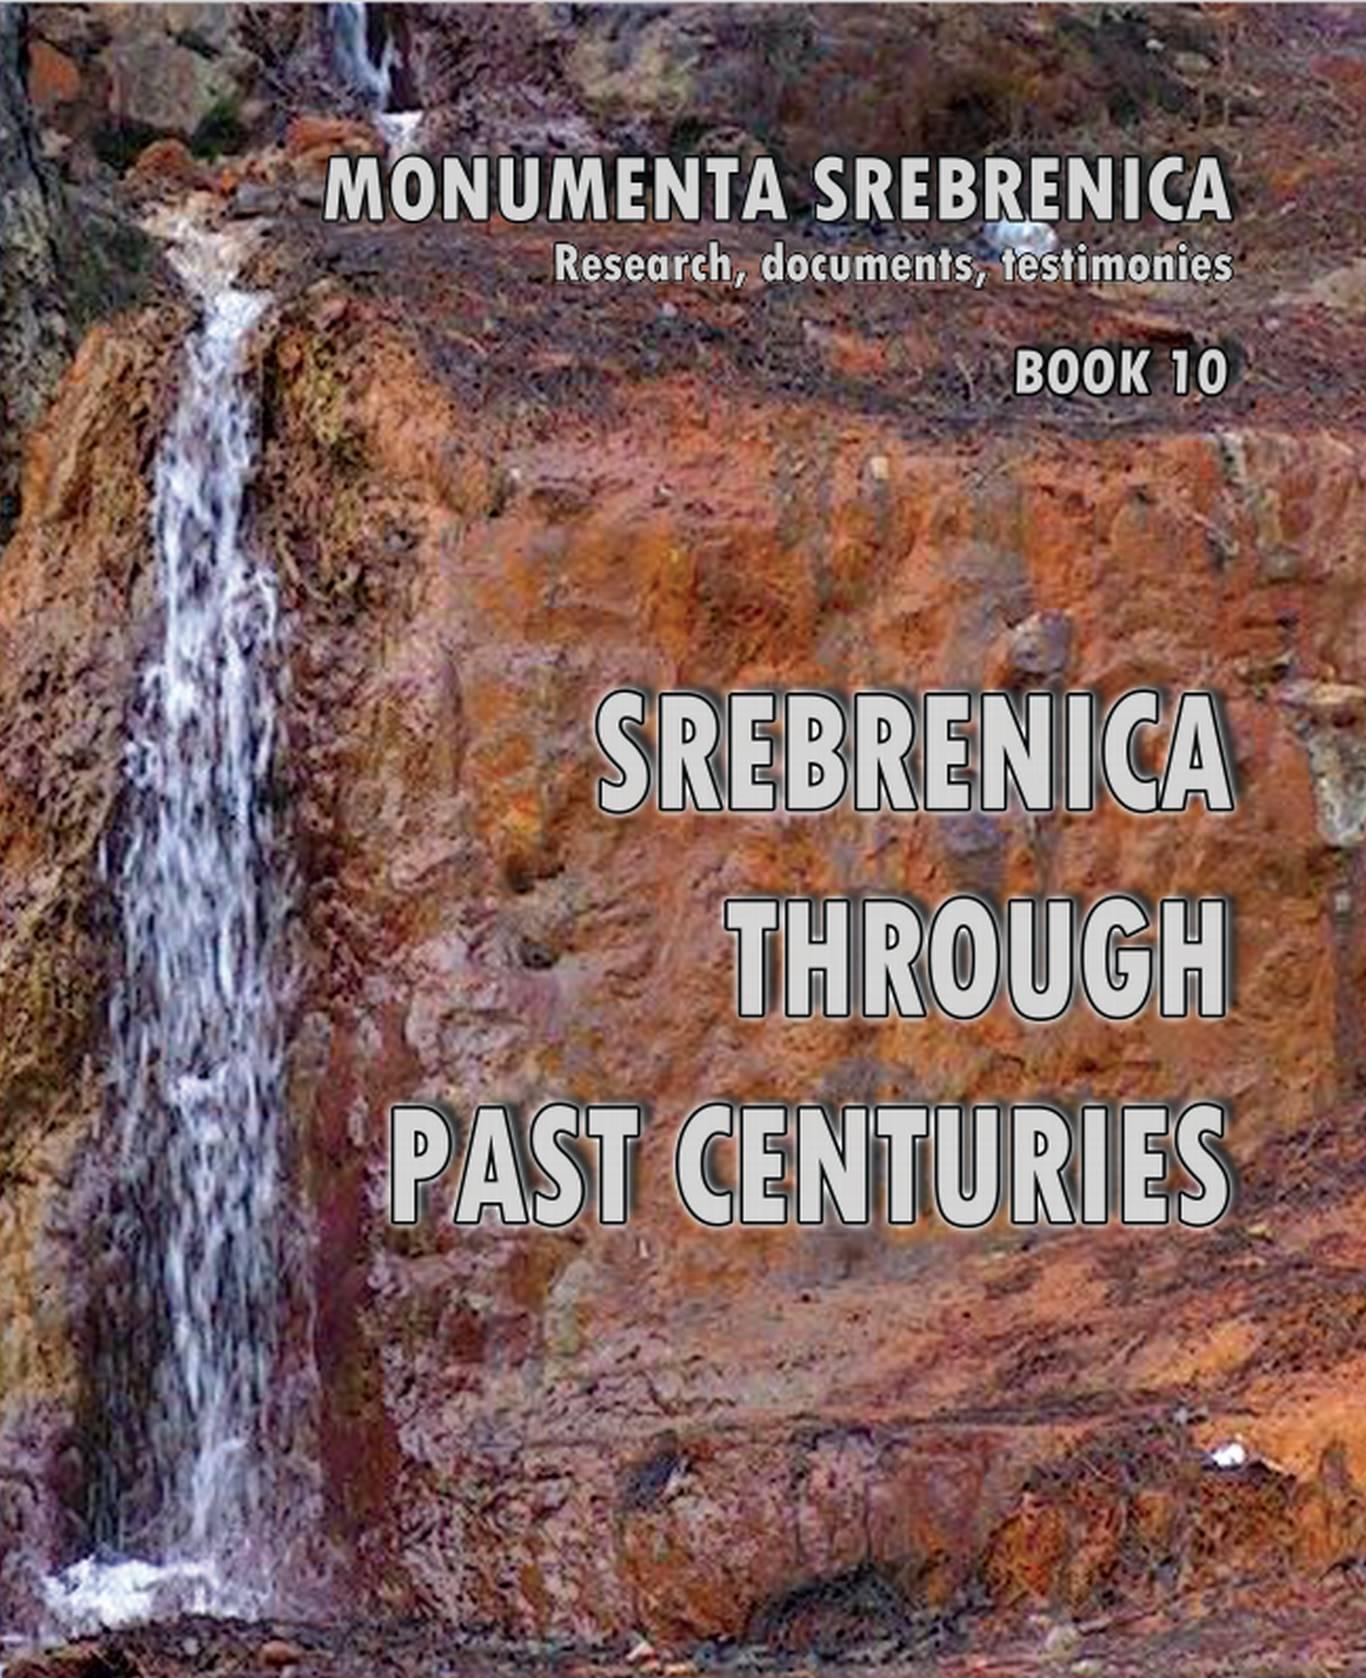 """Objavljena je Deseta knjiga edicije """"Monumenta Srebrenica"""""""